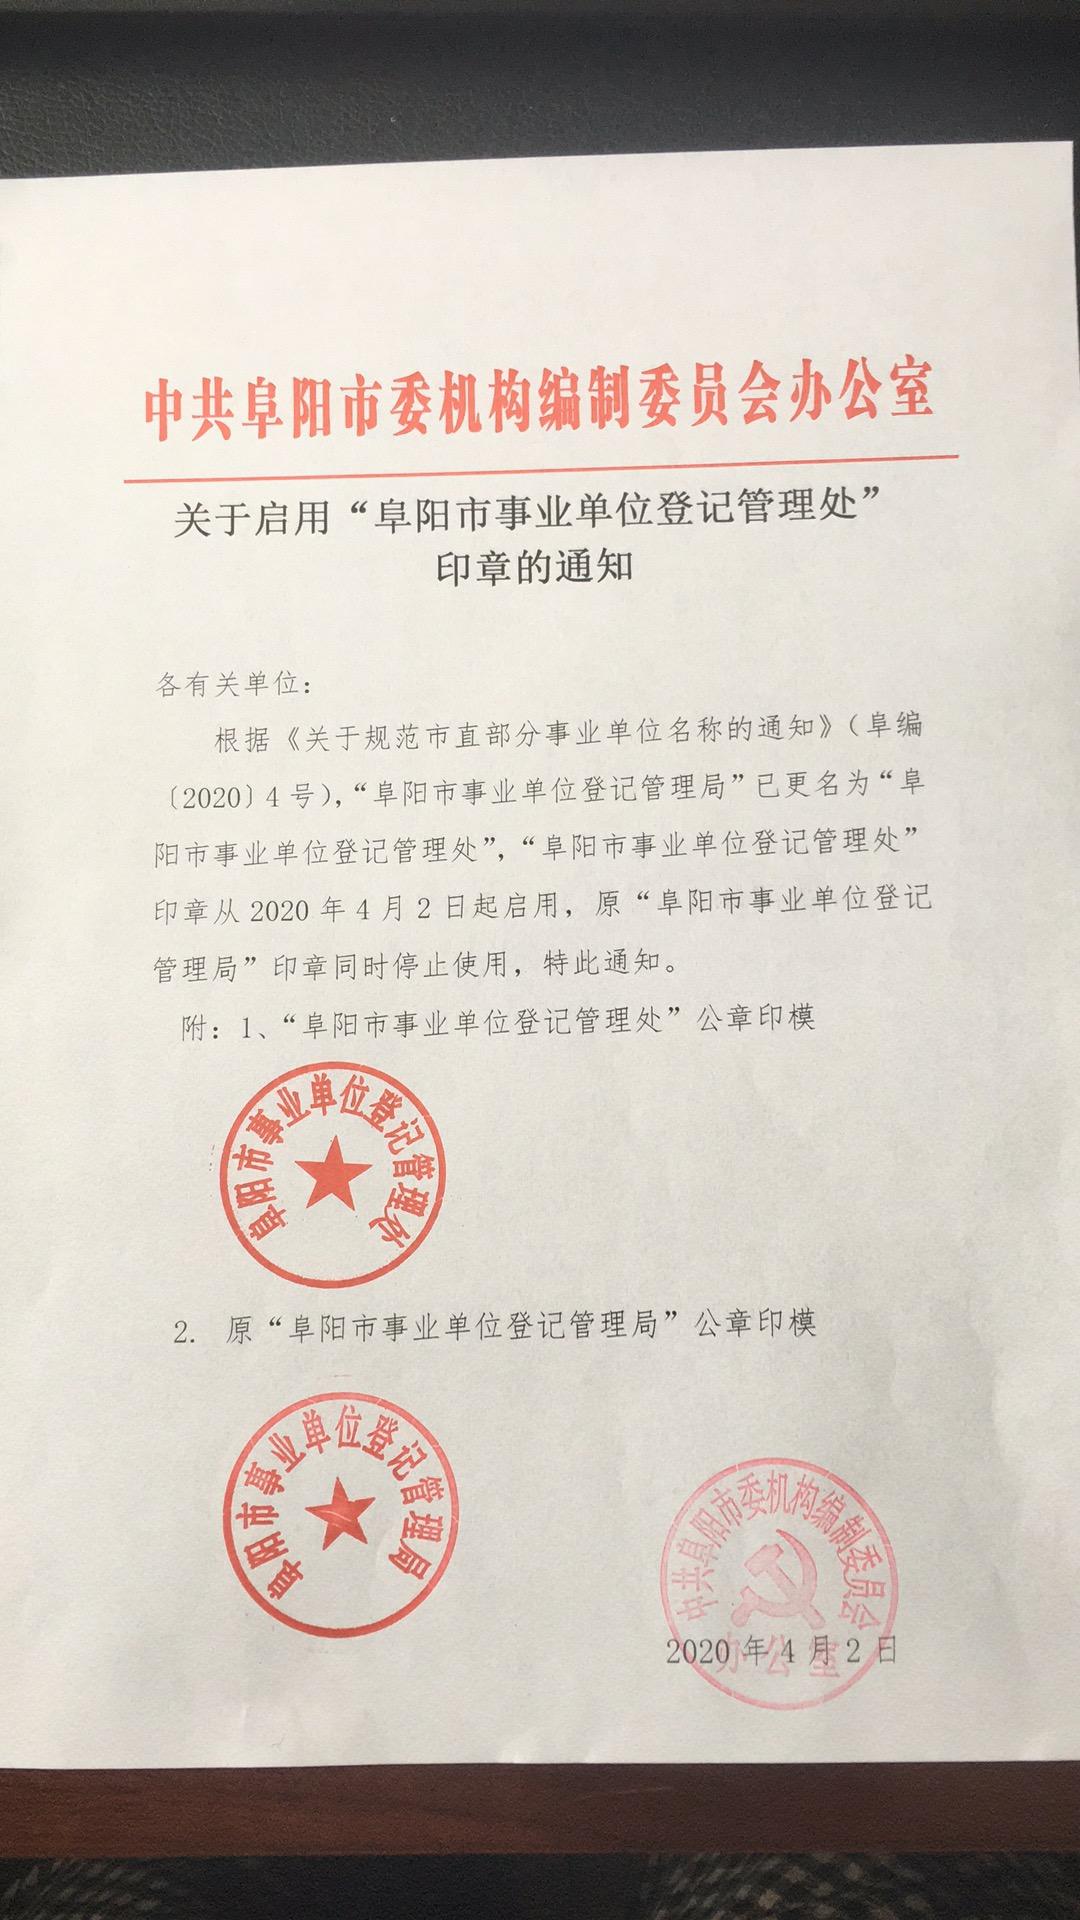 """关于启用""""阜阳市事业单位登记管理处""""印章的通知图片.jpg"""